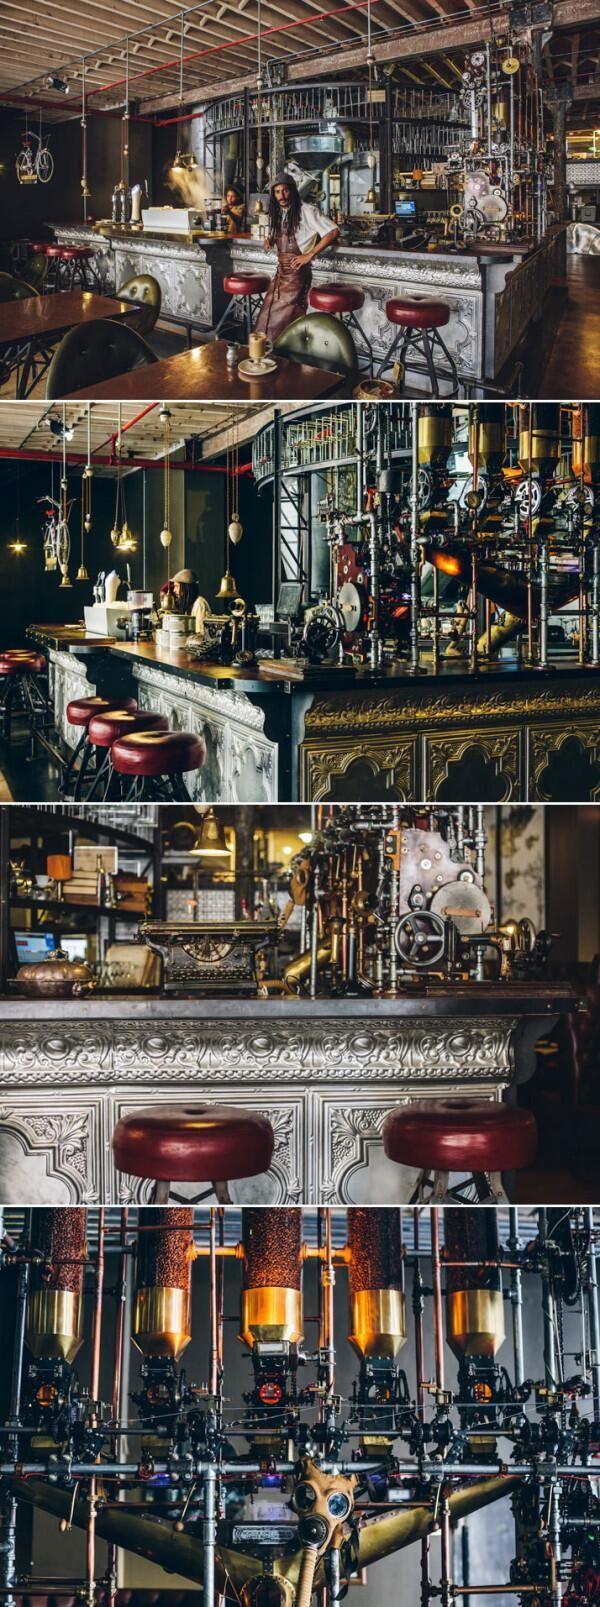 南アフリカのケープタウンにあるスチームパンクなコーヒーショップ  (via via http://www.yatzer.com/truth-coffee-cape-town…) pic.twitter.com/WxXl8HsIk9